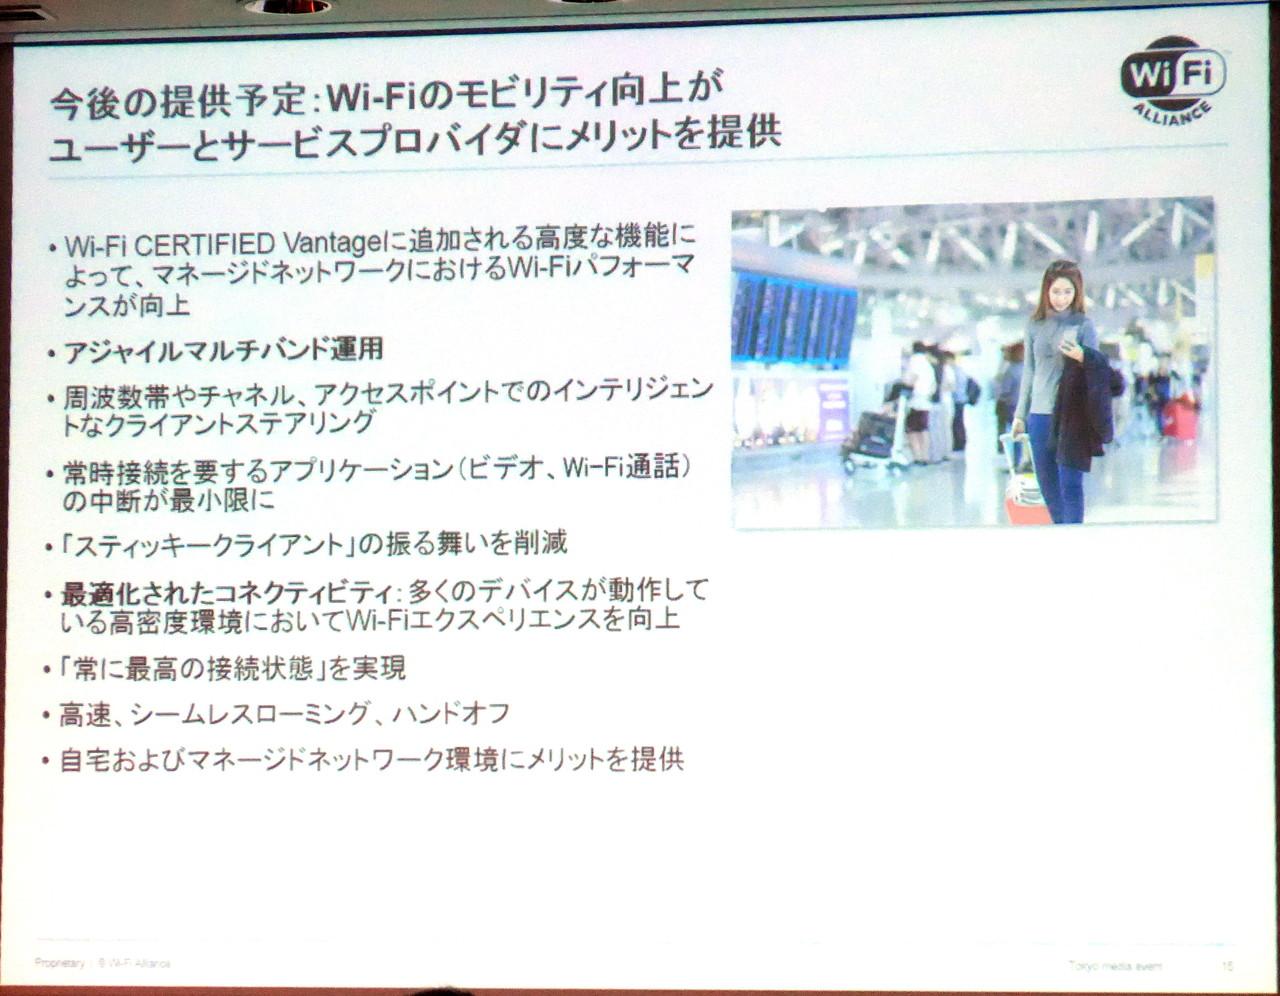 Wi-Fi CERTIFIED Vantageにおける今後の提供予定は、Version 2を想定したもの